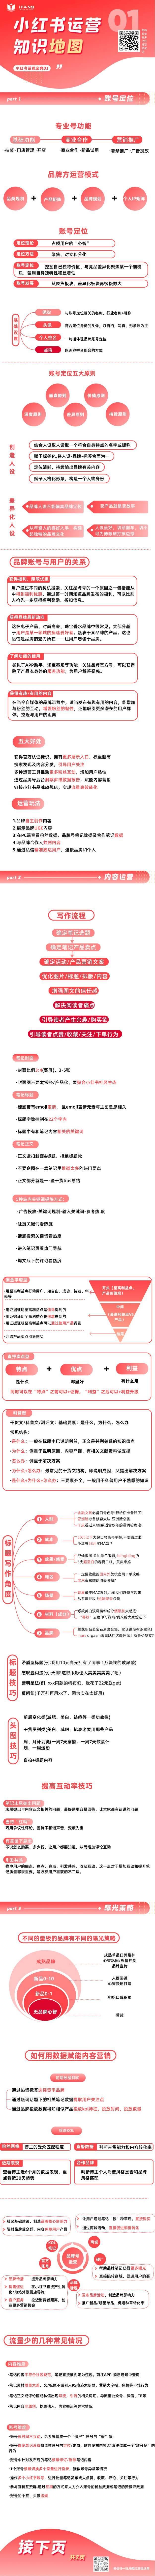 鸟哥笔记,新媒体,iFans数据,自媒体,小红书,小红书,自媒体,运营方案,运营计划